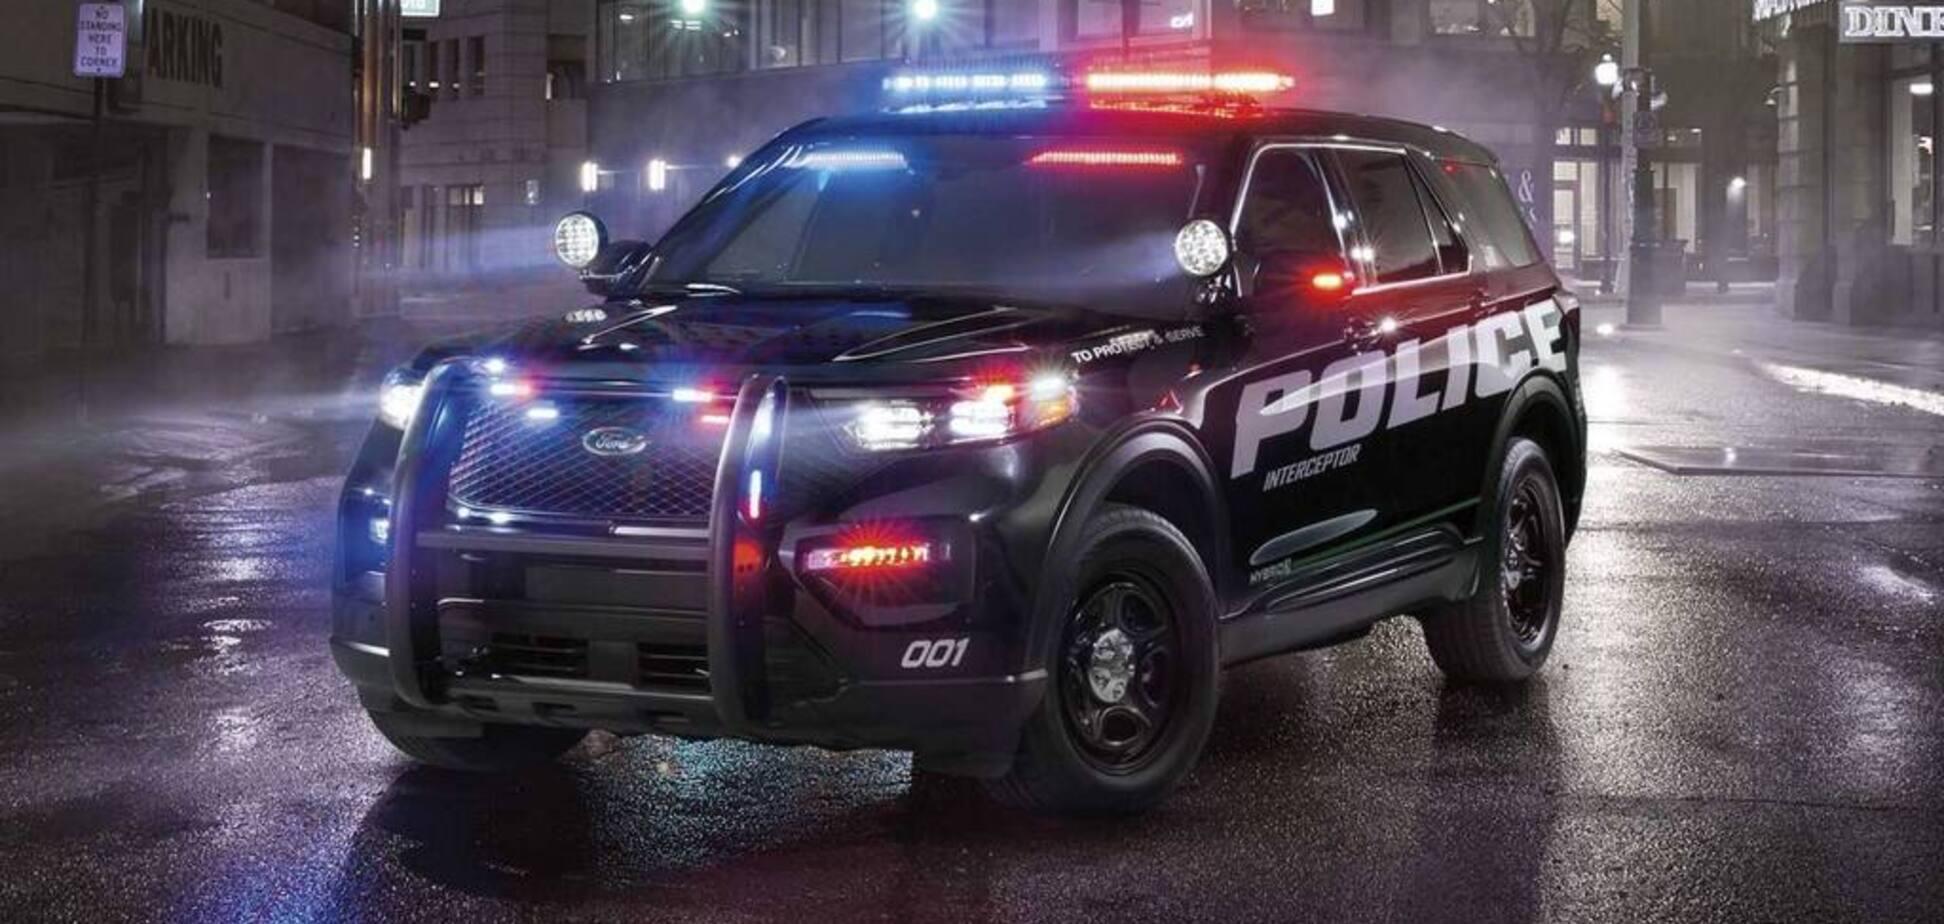 Американська поліція пересяде на гібридні позашляховики: як вони мають вигляд